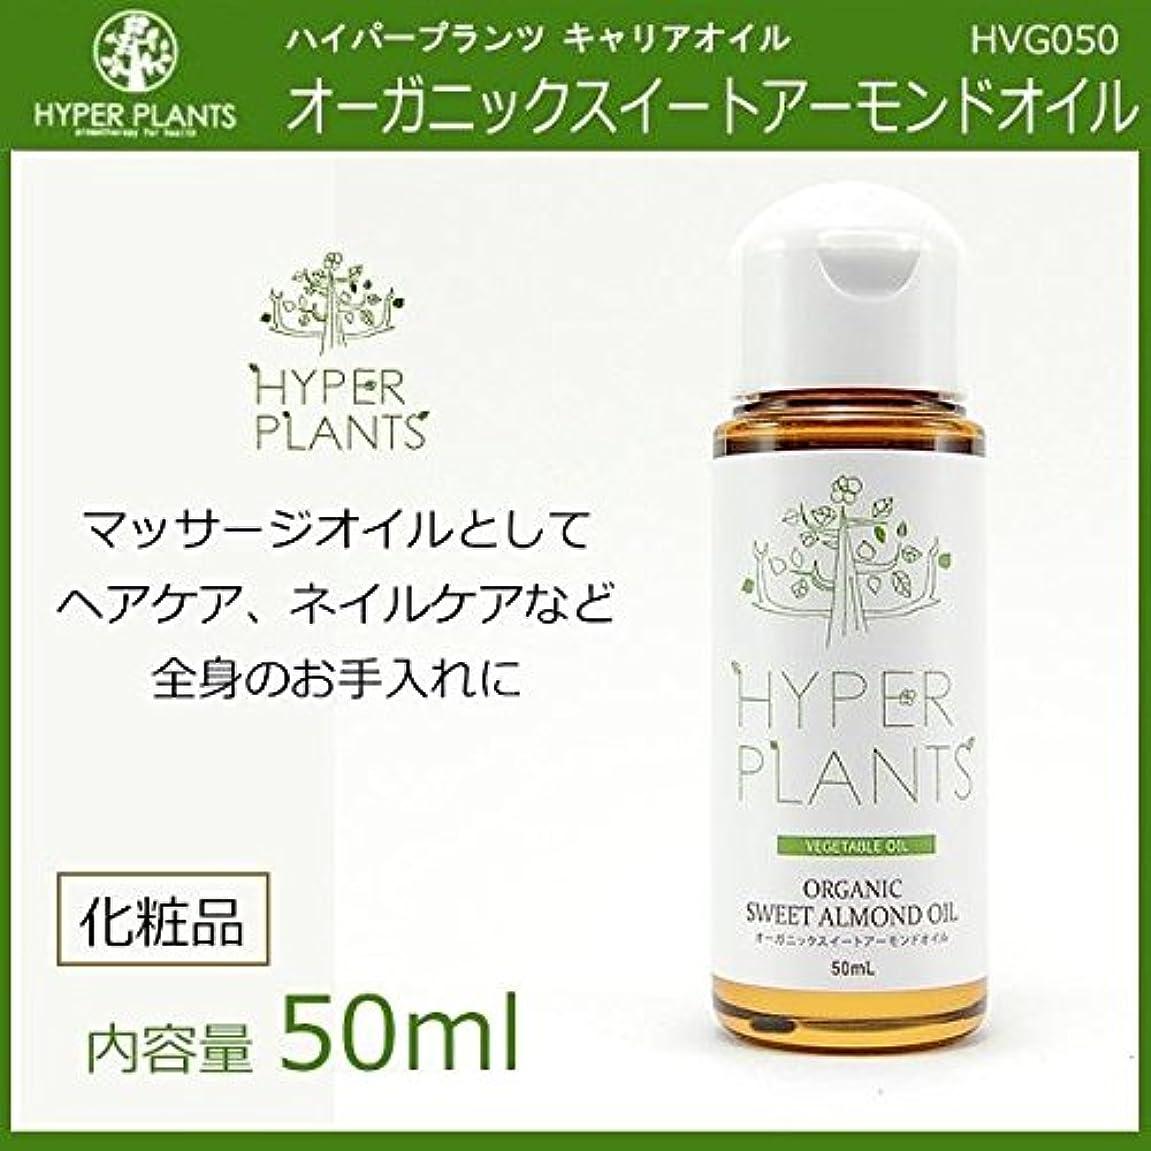 ハーブ宣伝色合いHYPER PLANTS ハイパープランツ キャリアオイル オーガニックスイートアーモンドオイル 50ml HVG050